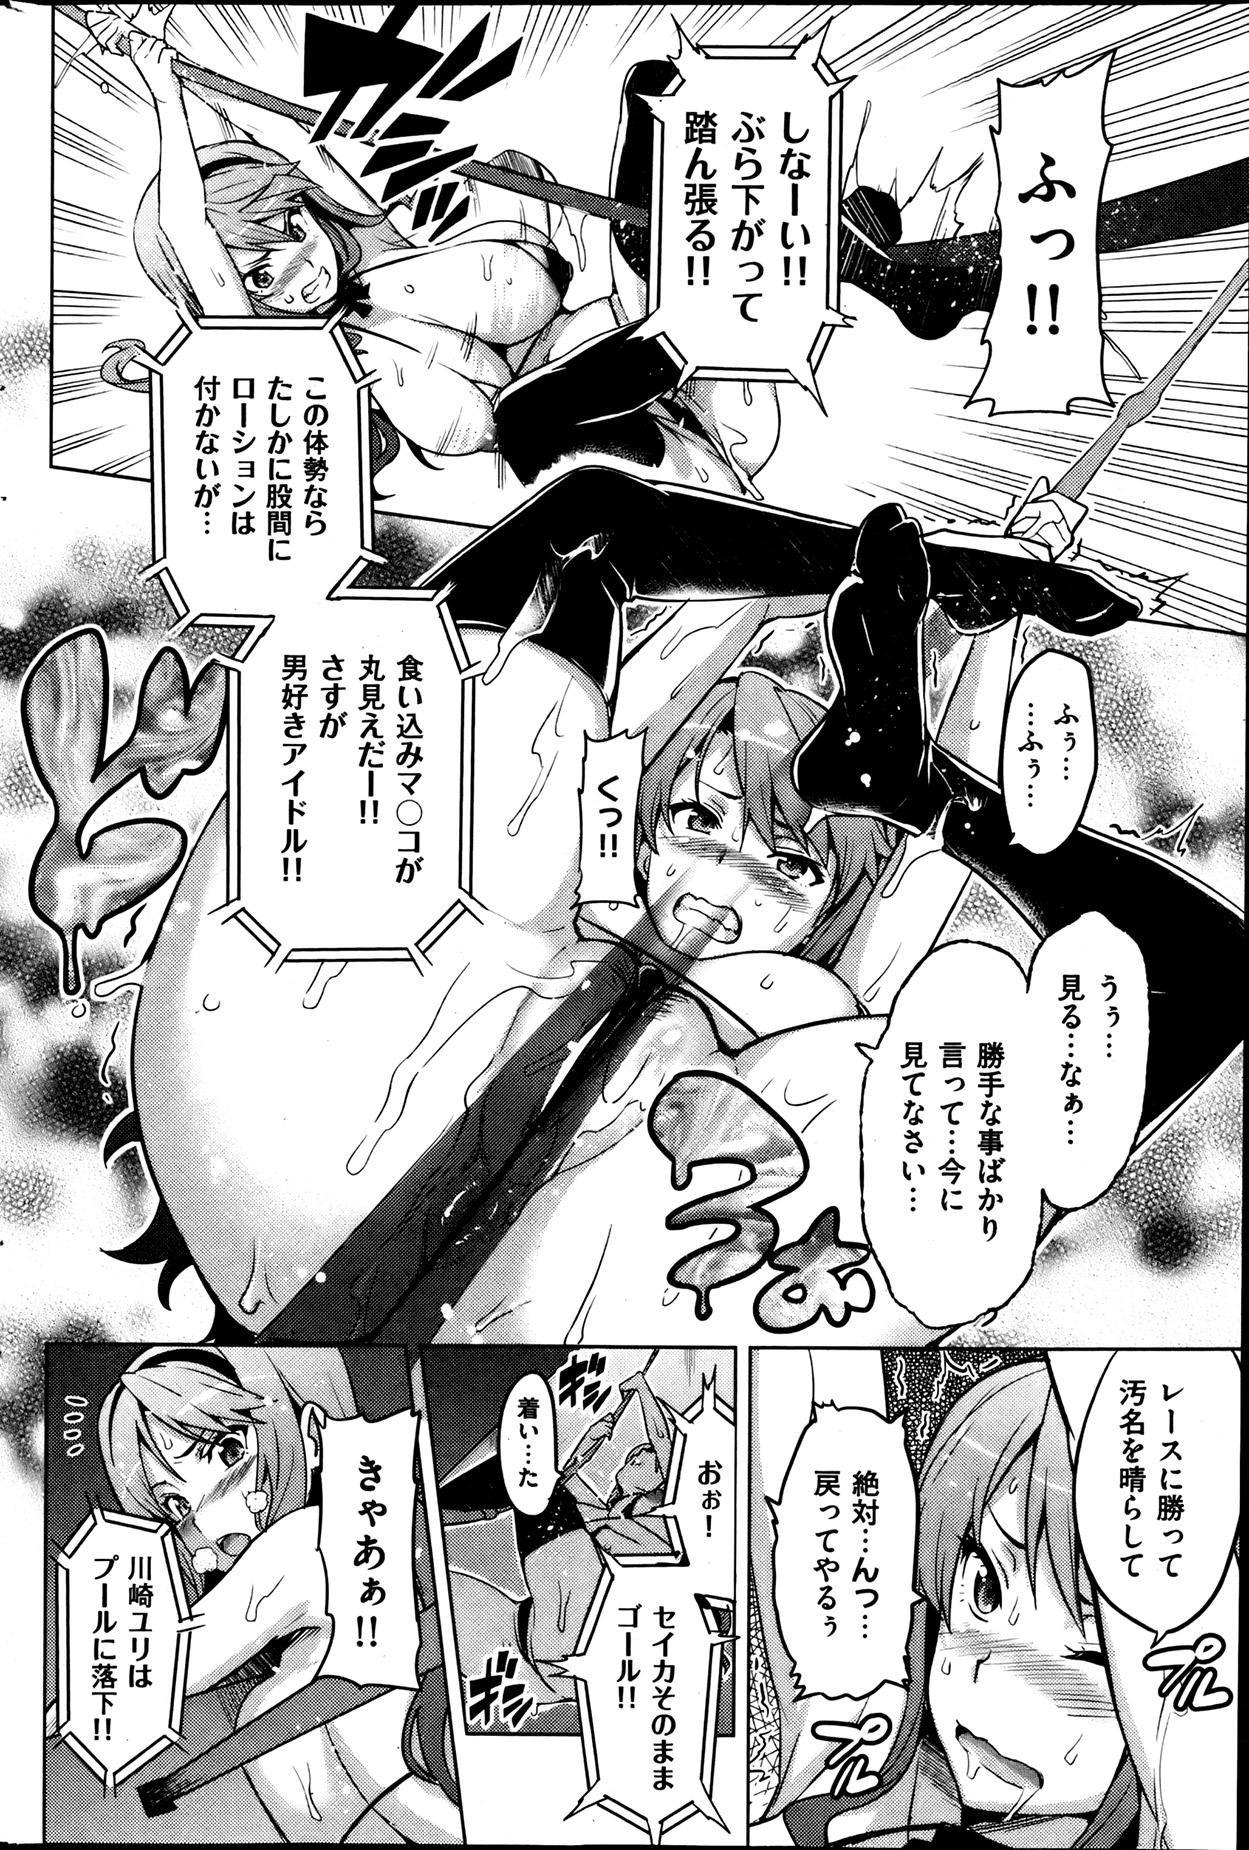 COMIC HANA-MAN 2013-08 Takeda Hiromitsu Tokushuu 197